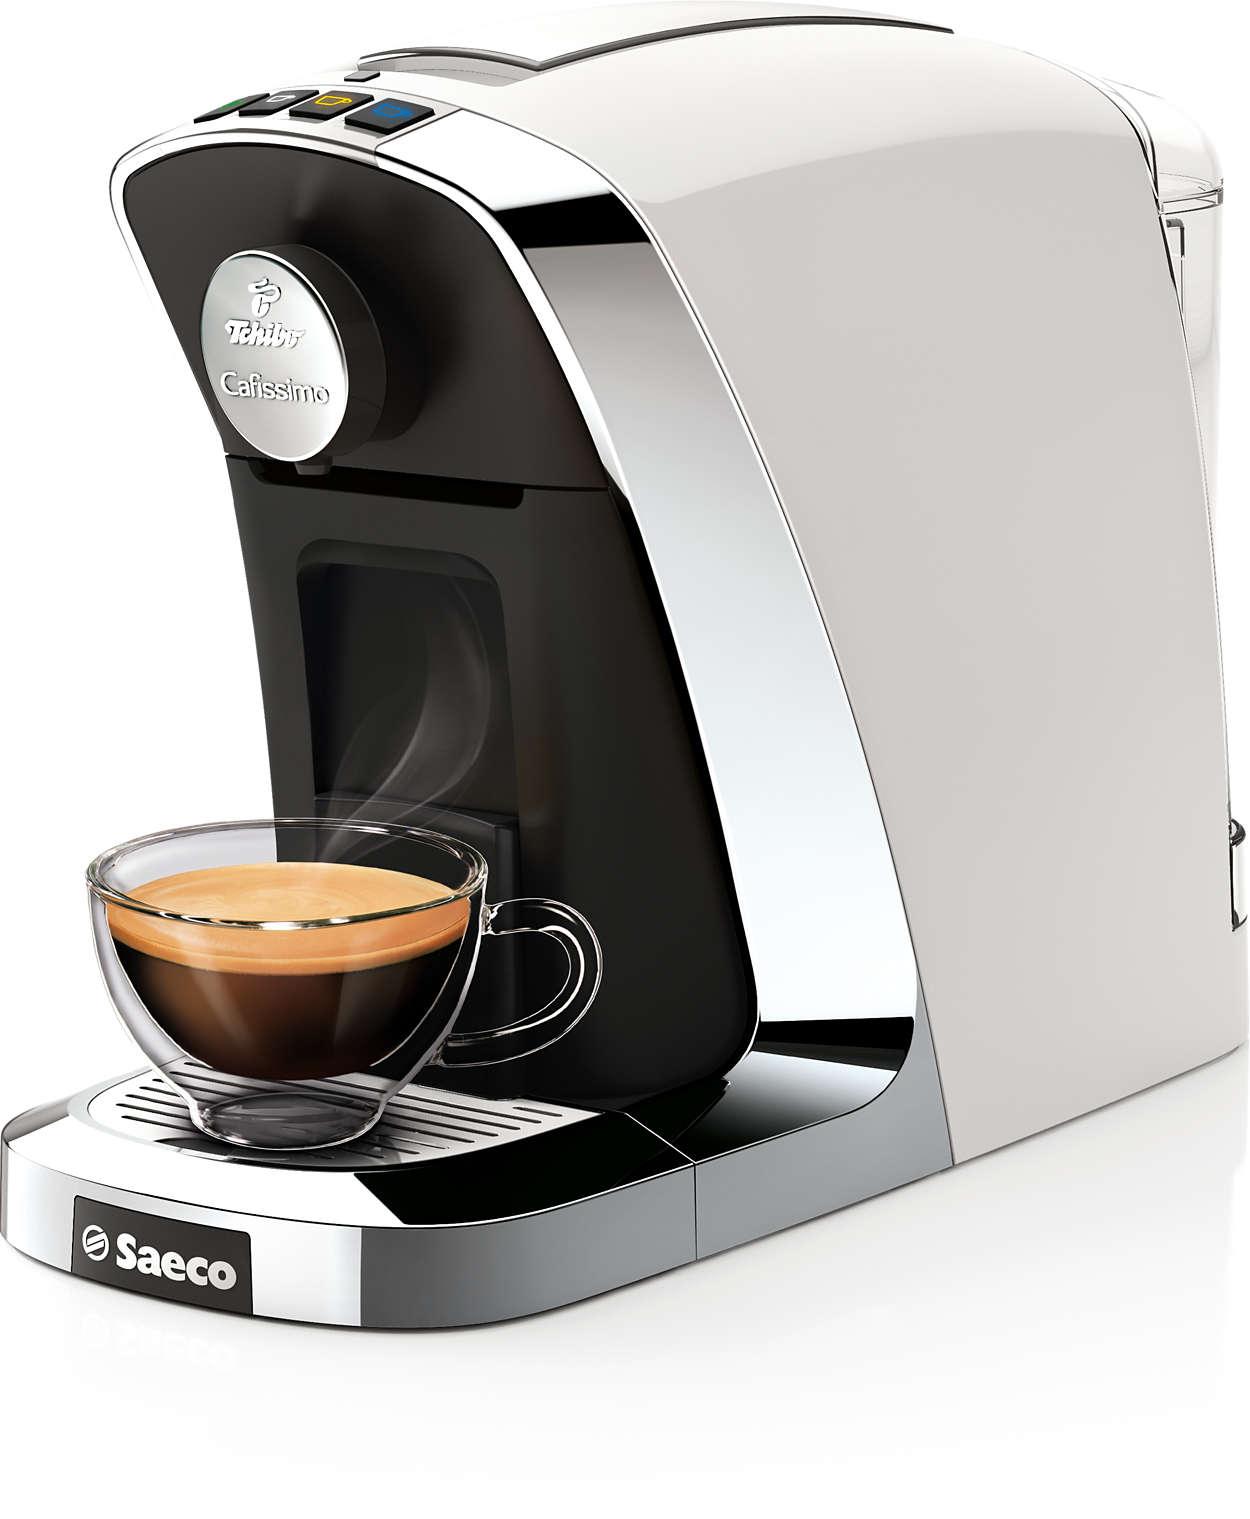 Perfekter Kaffee aus der Cafissimo Kapsel mit einem Knopfdruck